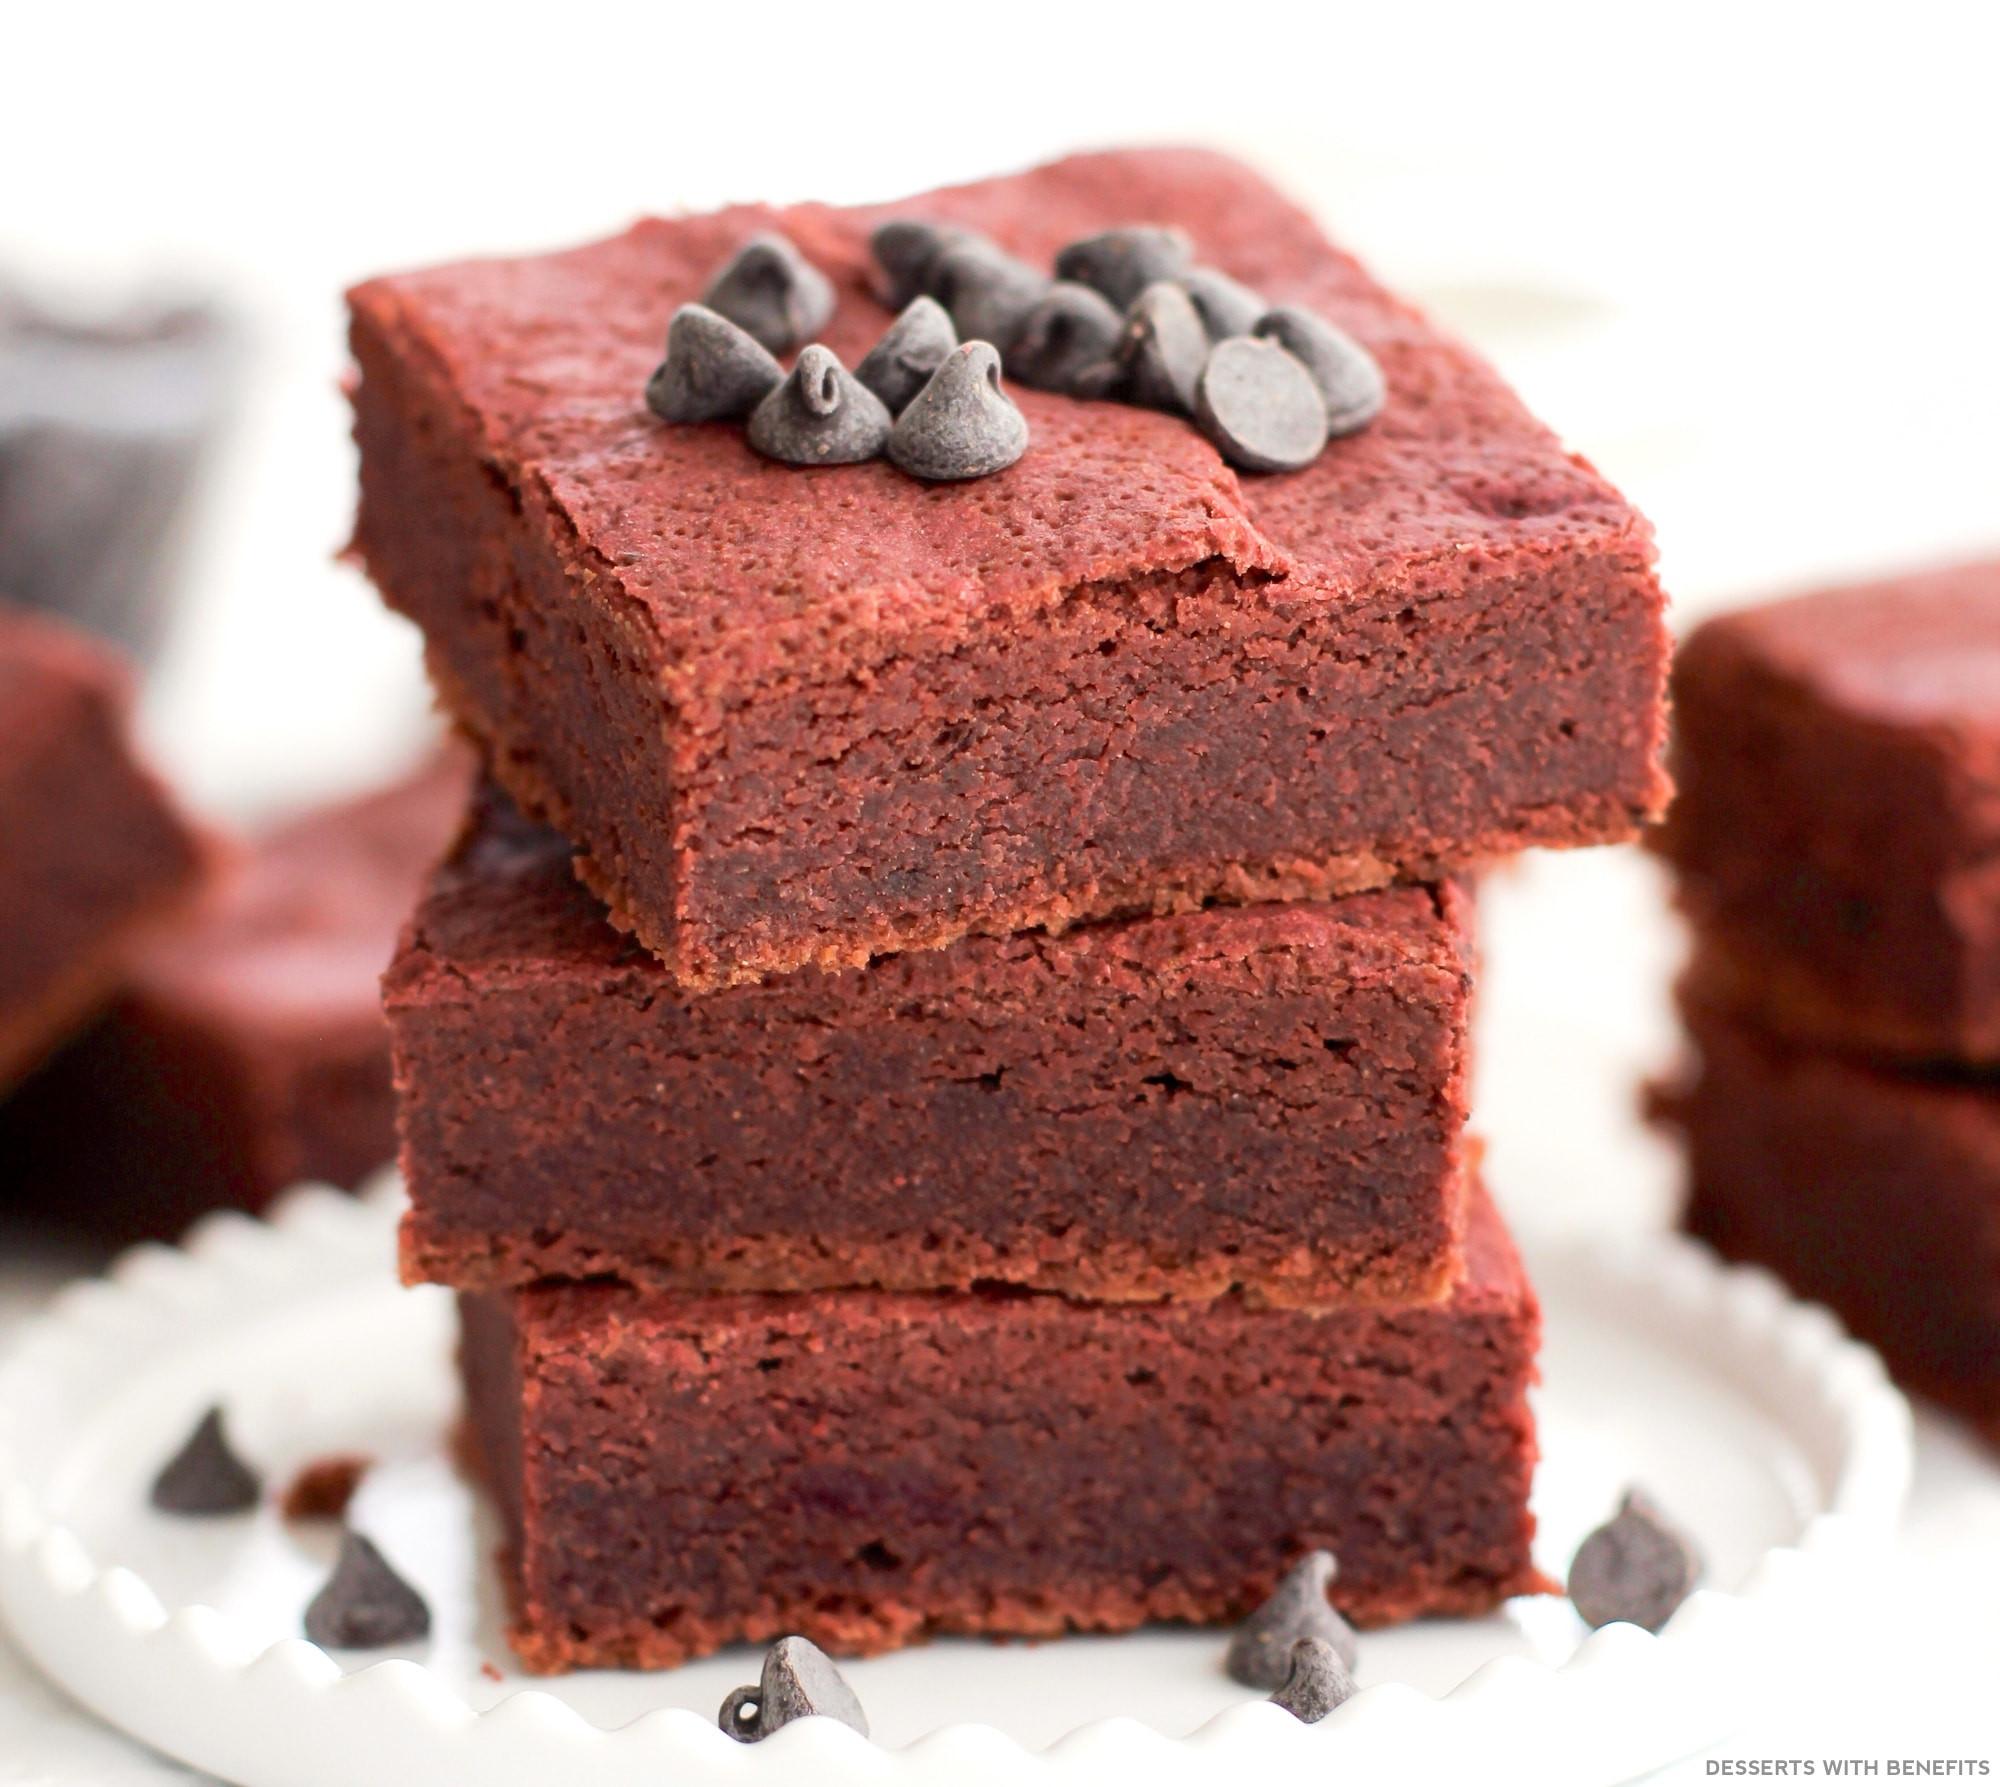 Sugar Free Gluten Free Dessert  Desserts With Benefits Healthy Red Velvet Brownies